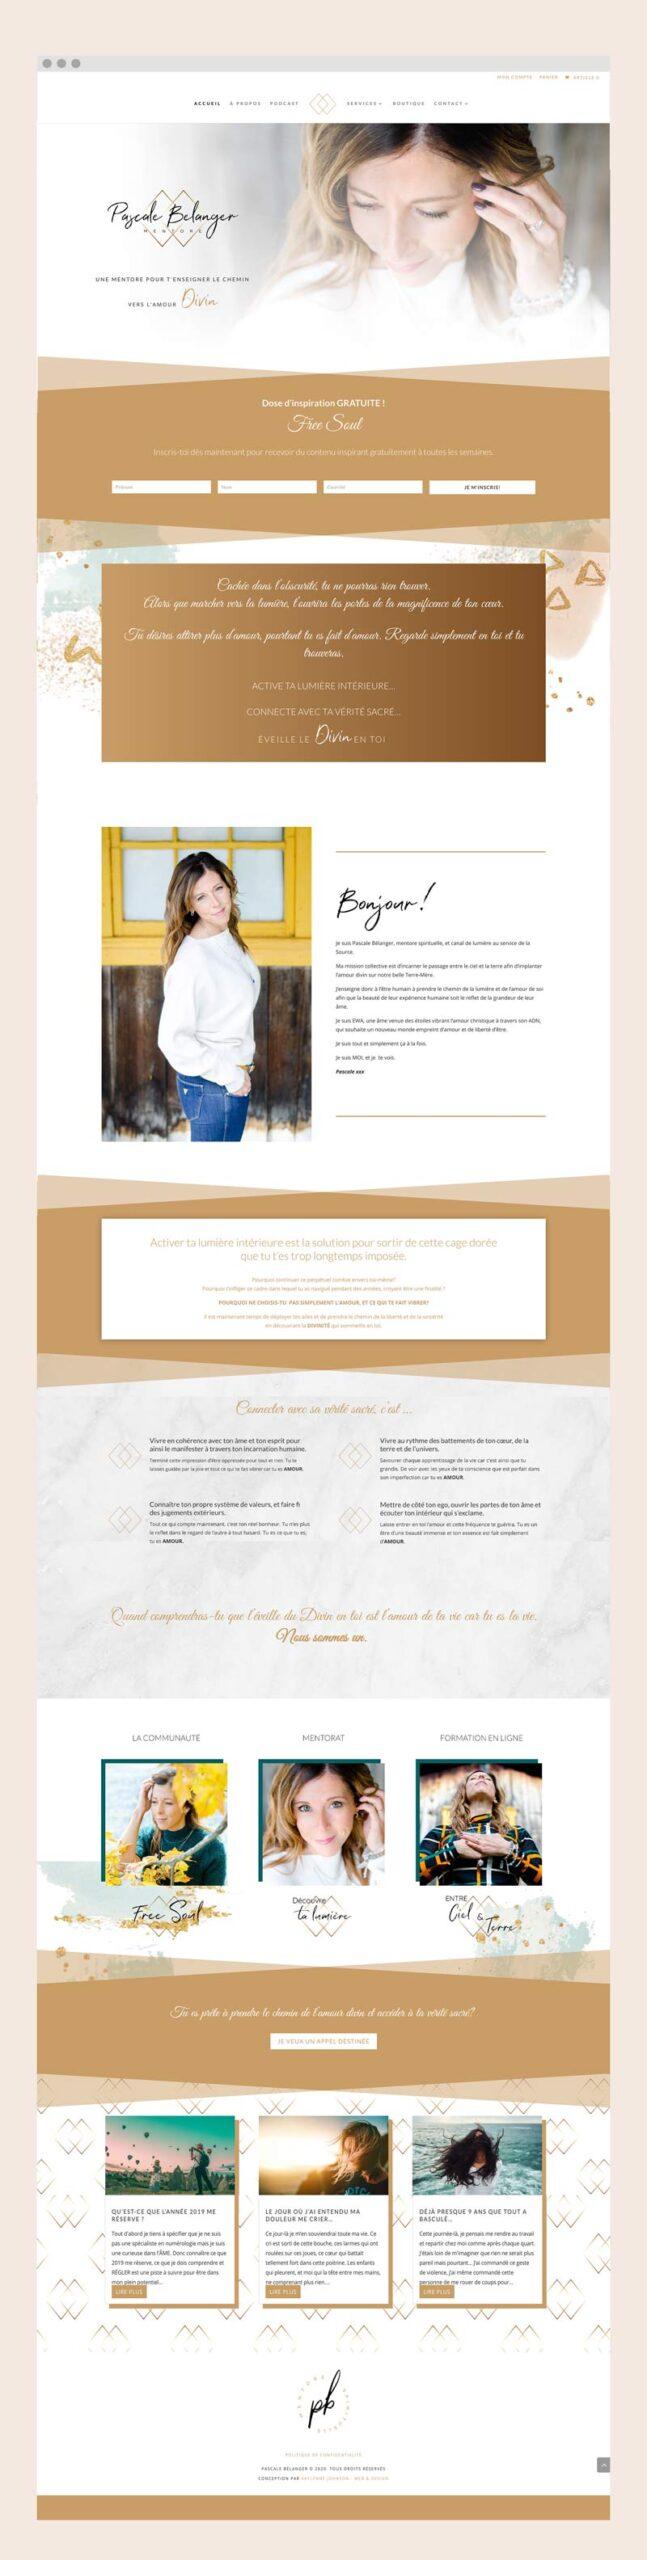 Pascale Bélanger - Un site web réalisé par Kaylynne Johnson